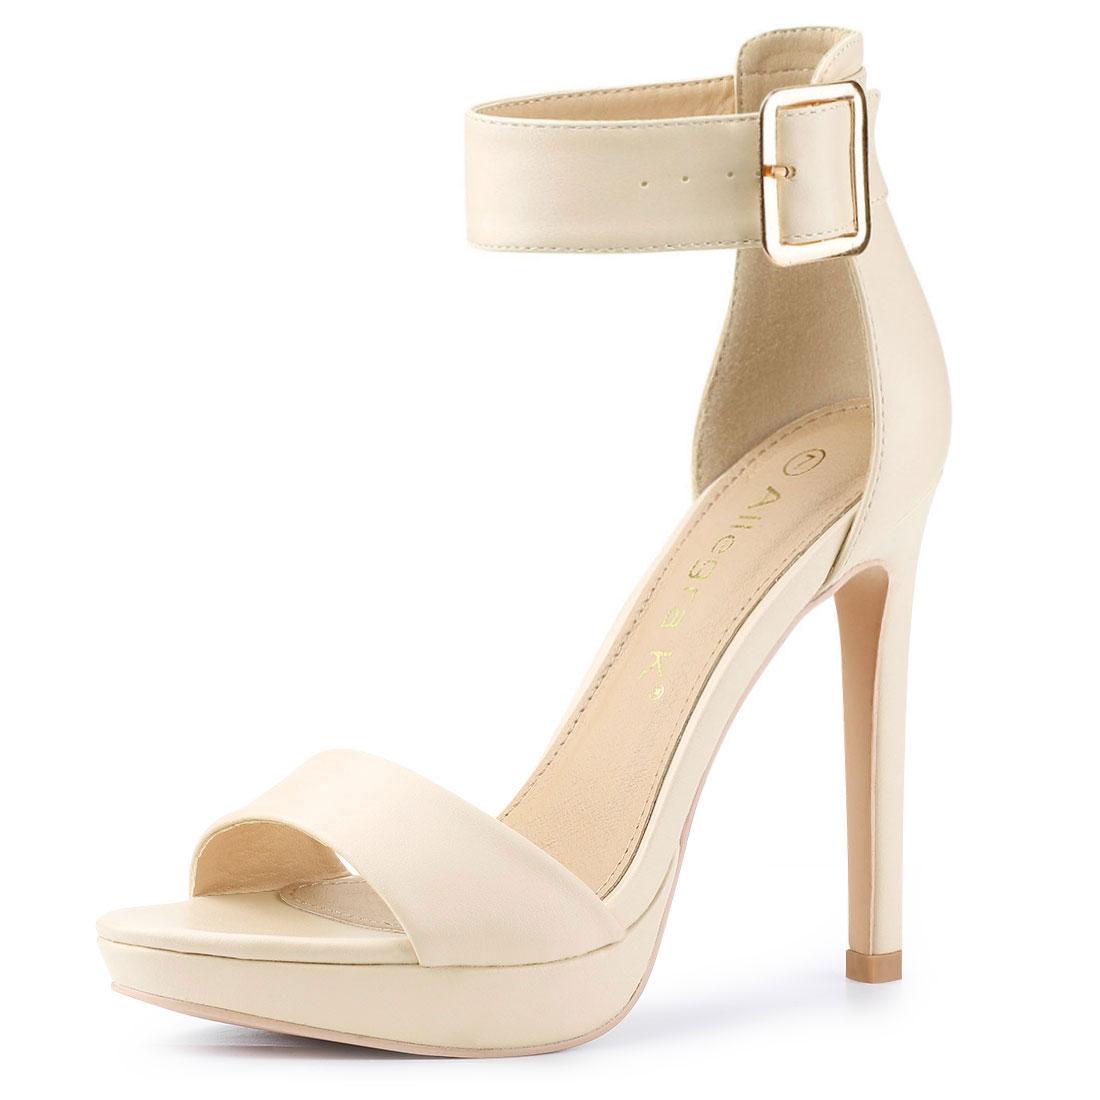 Allegra K Women's Open Toe Platform Strap Stiletto Heel Sandals Beige US 8.5